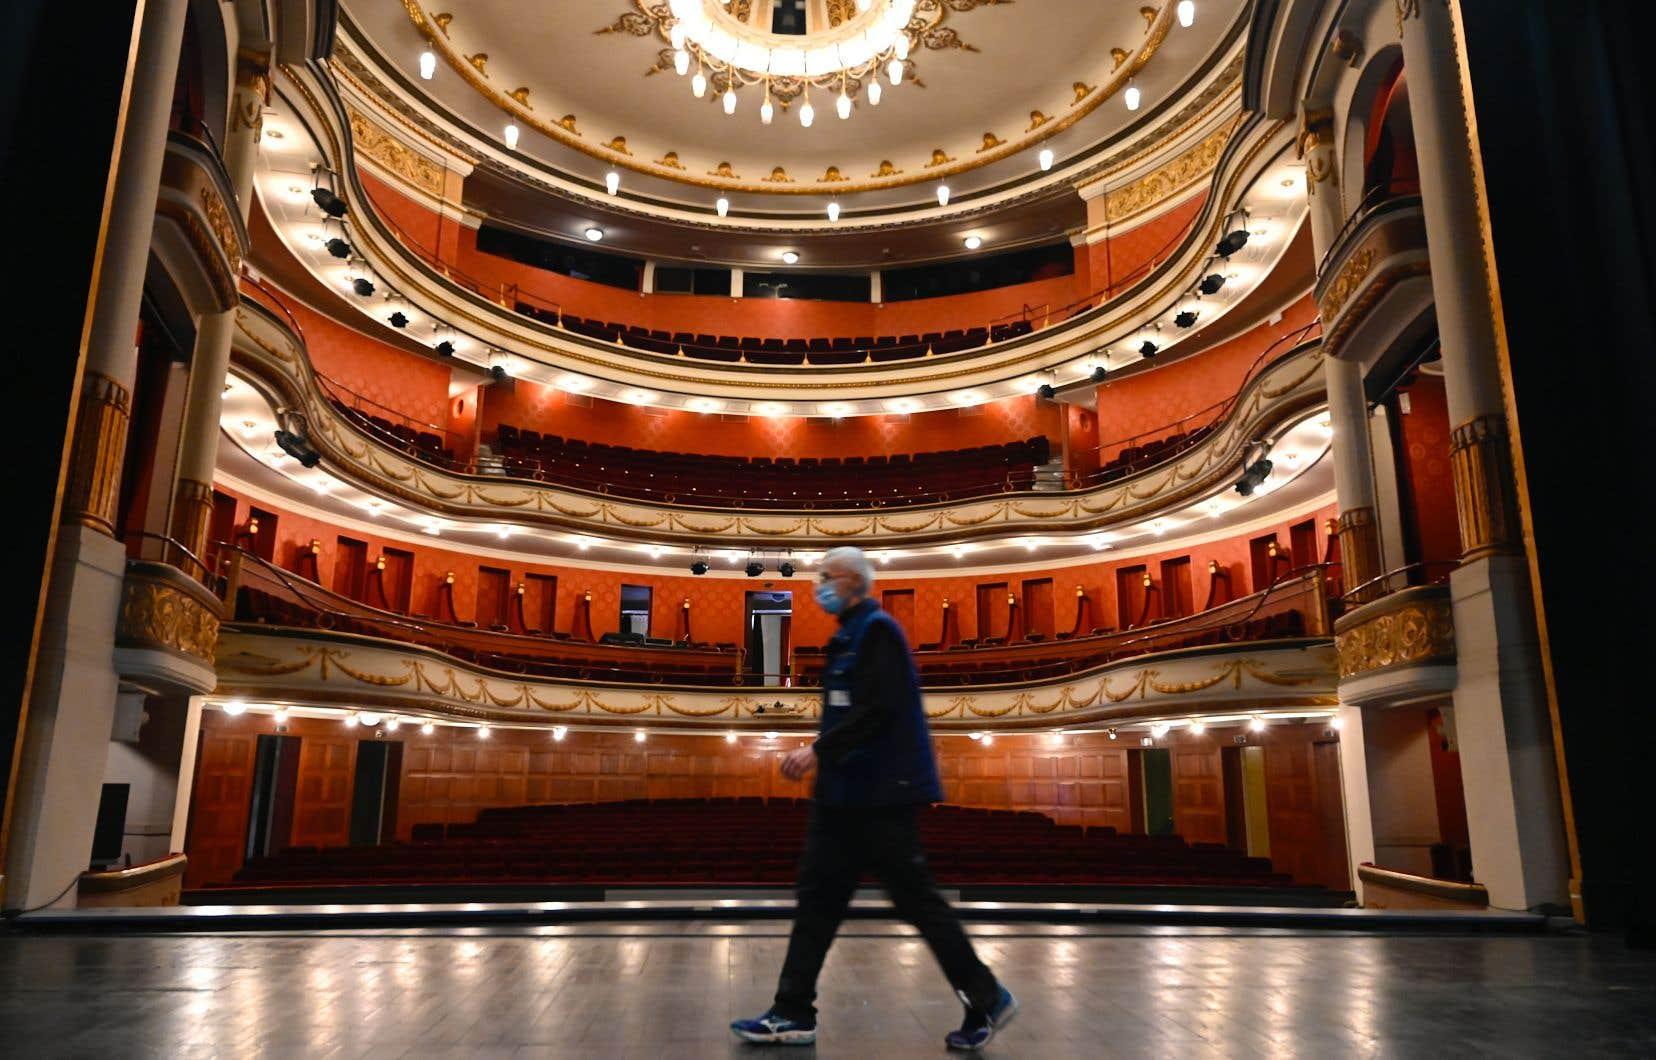 Les commerces jugés non essentiels devront fermer jusqu'en décembre, tout comme les salles de cinéma et de spectacle.